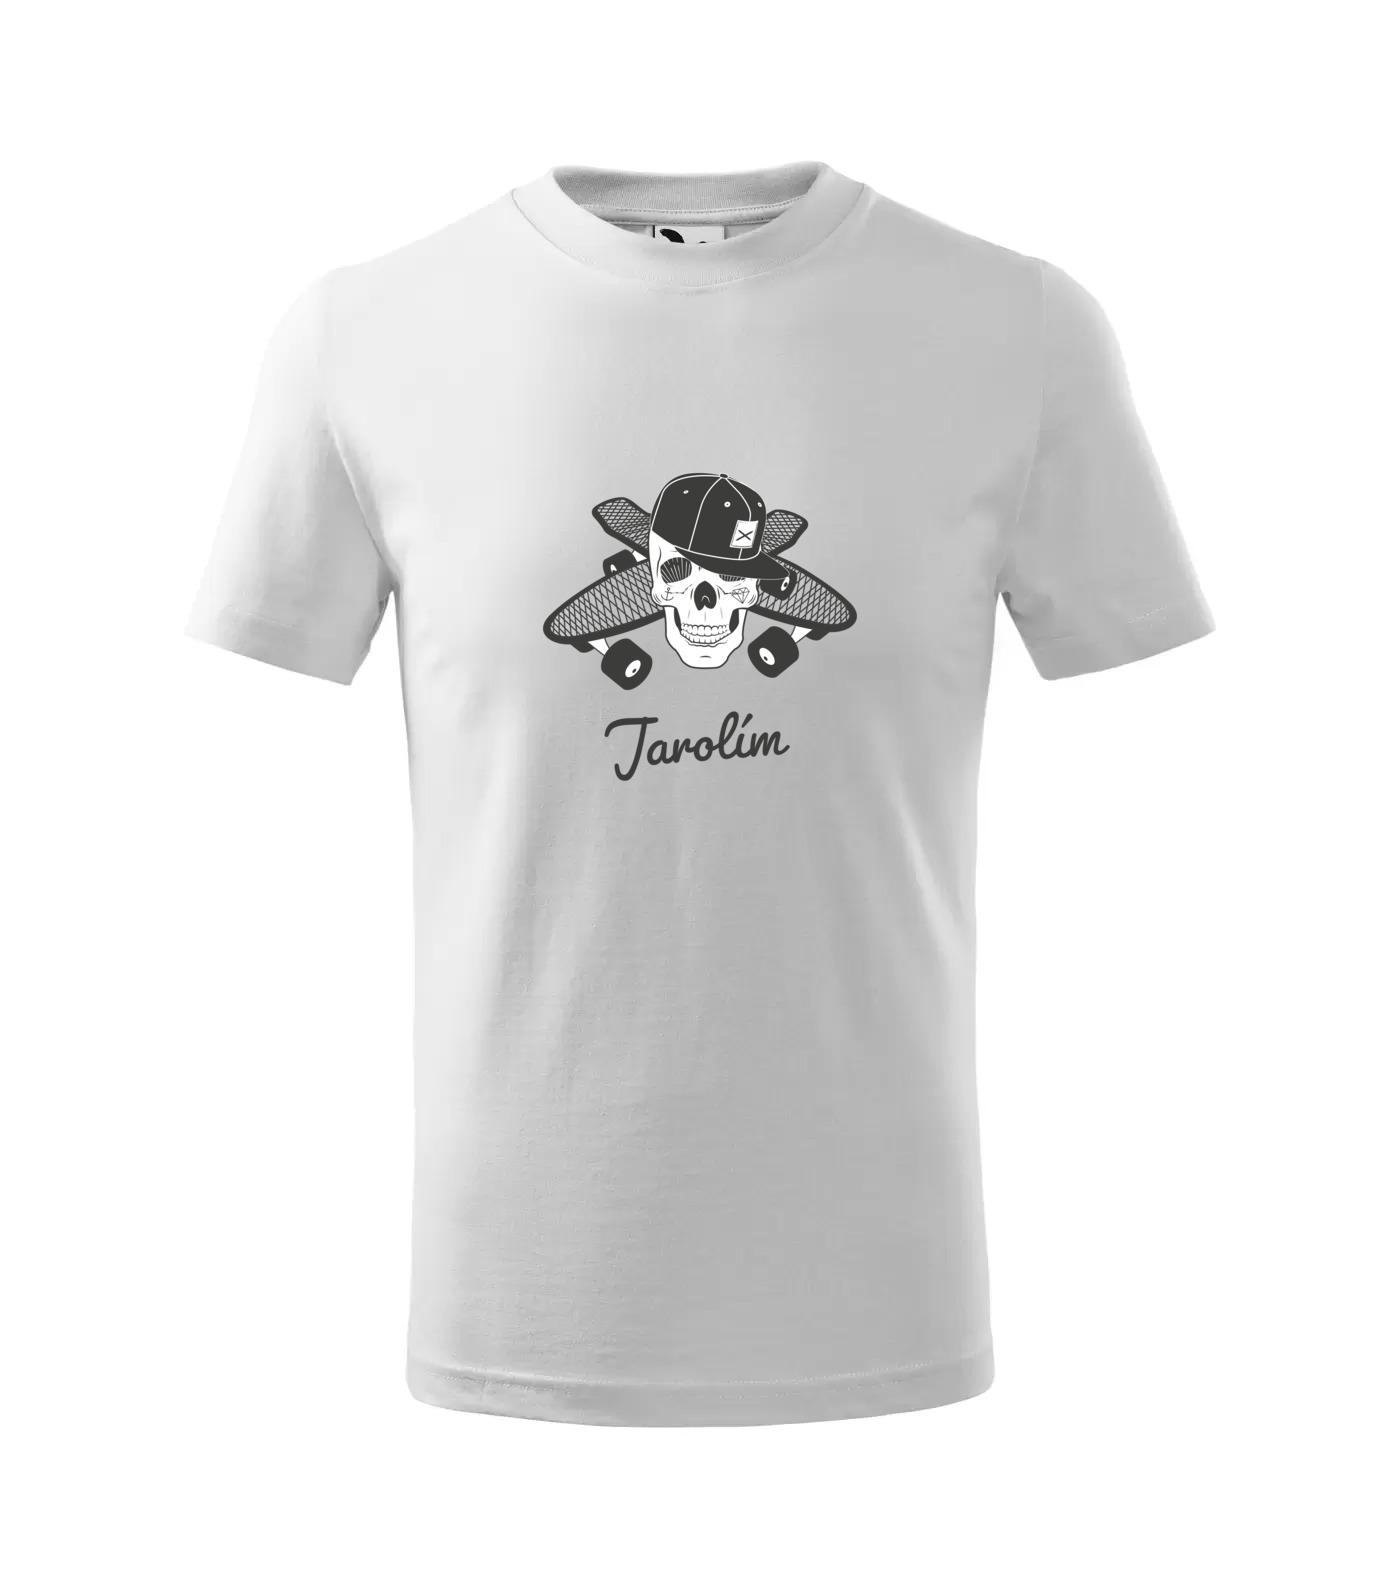 Tričko Skejťák Jarolím